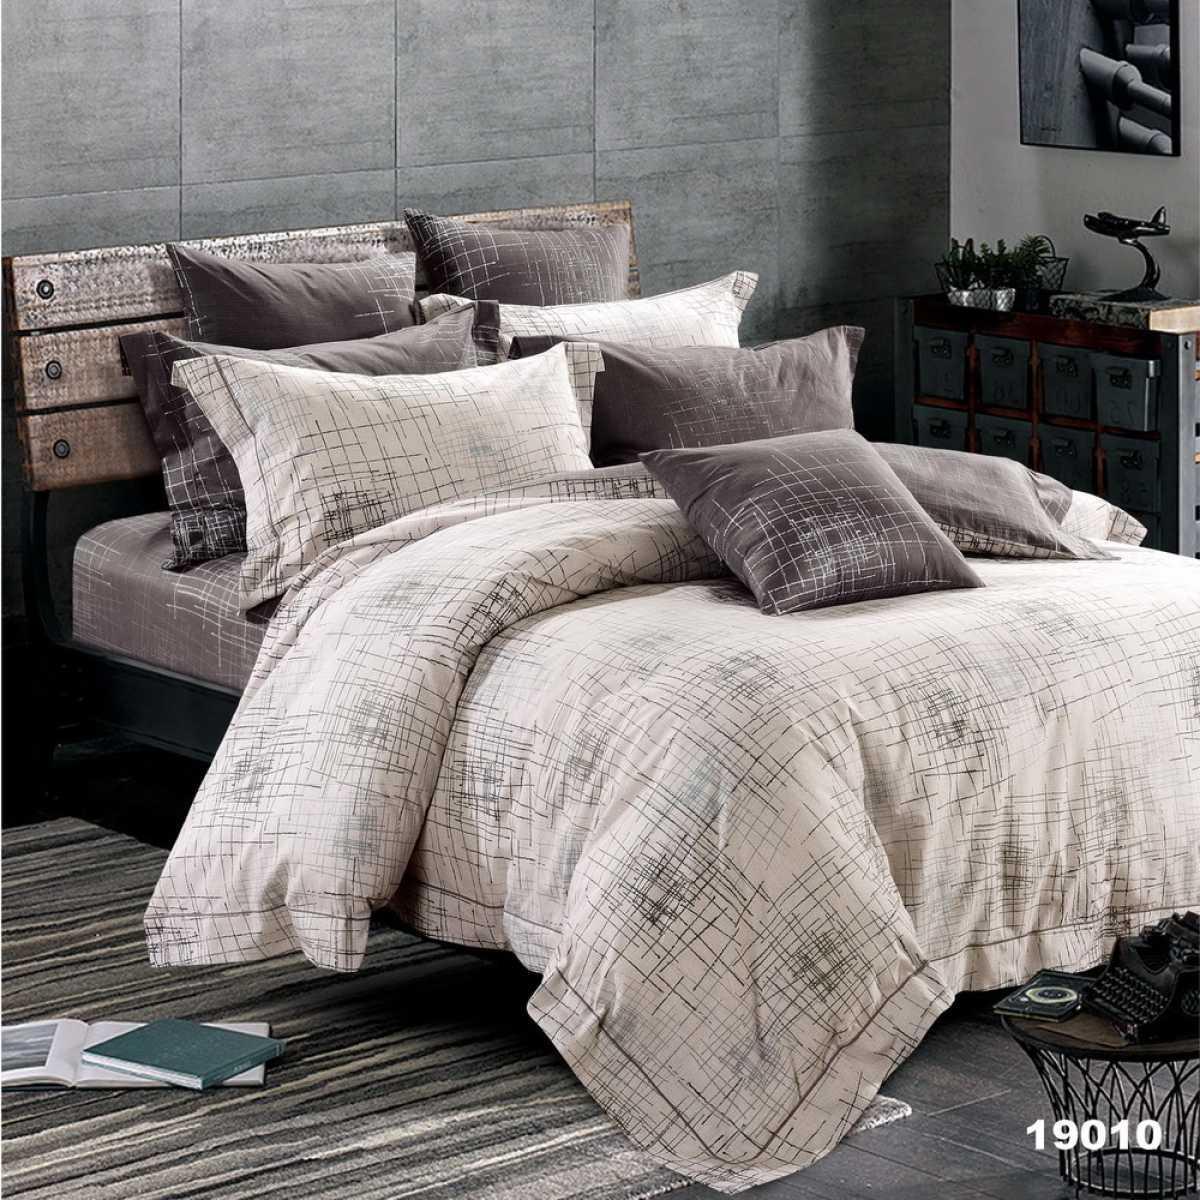 Полуторное постельное белье Вилюта 19010 ранфорс